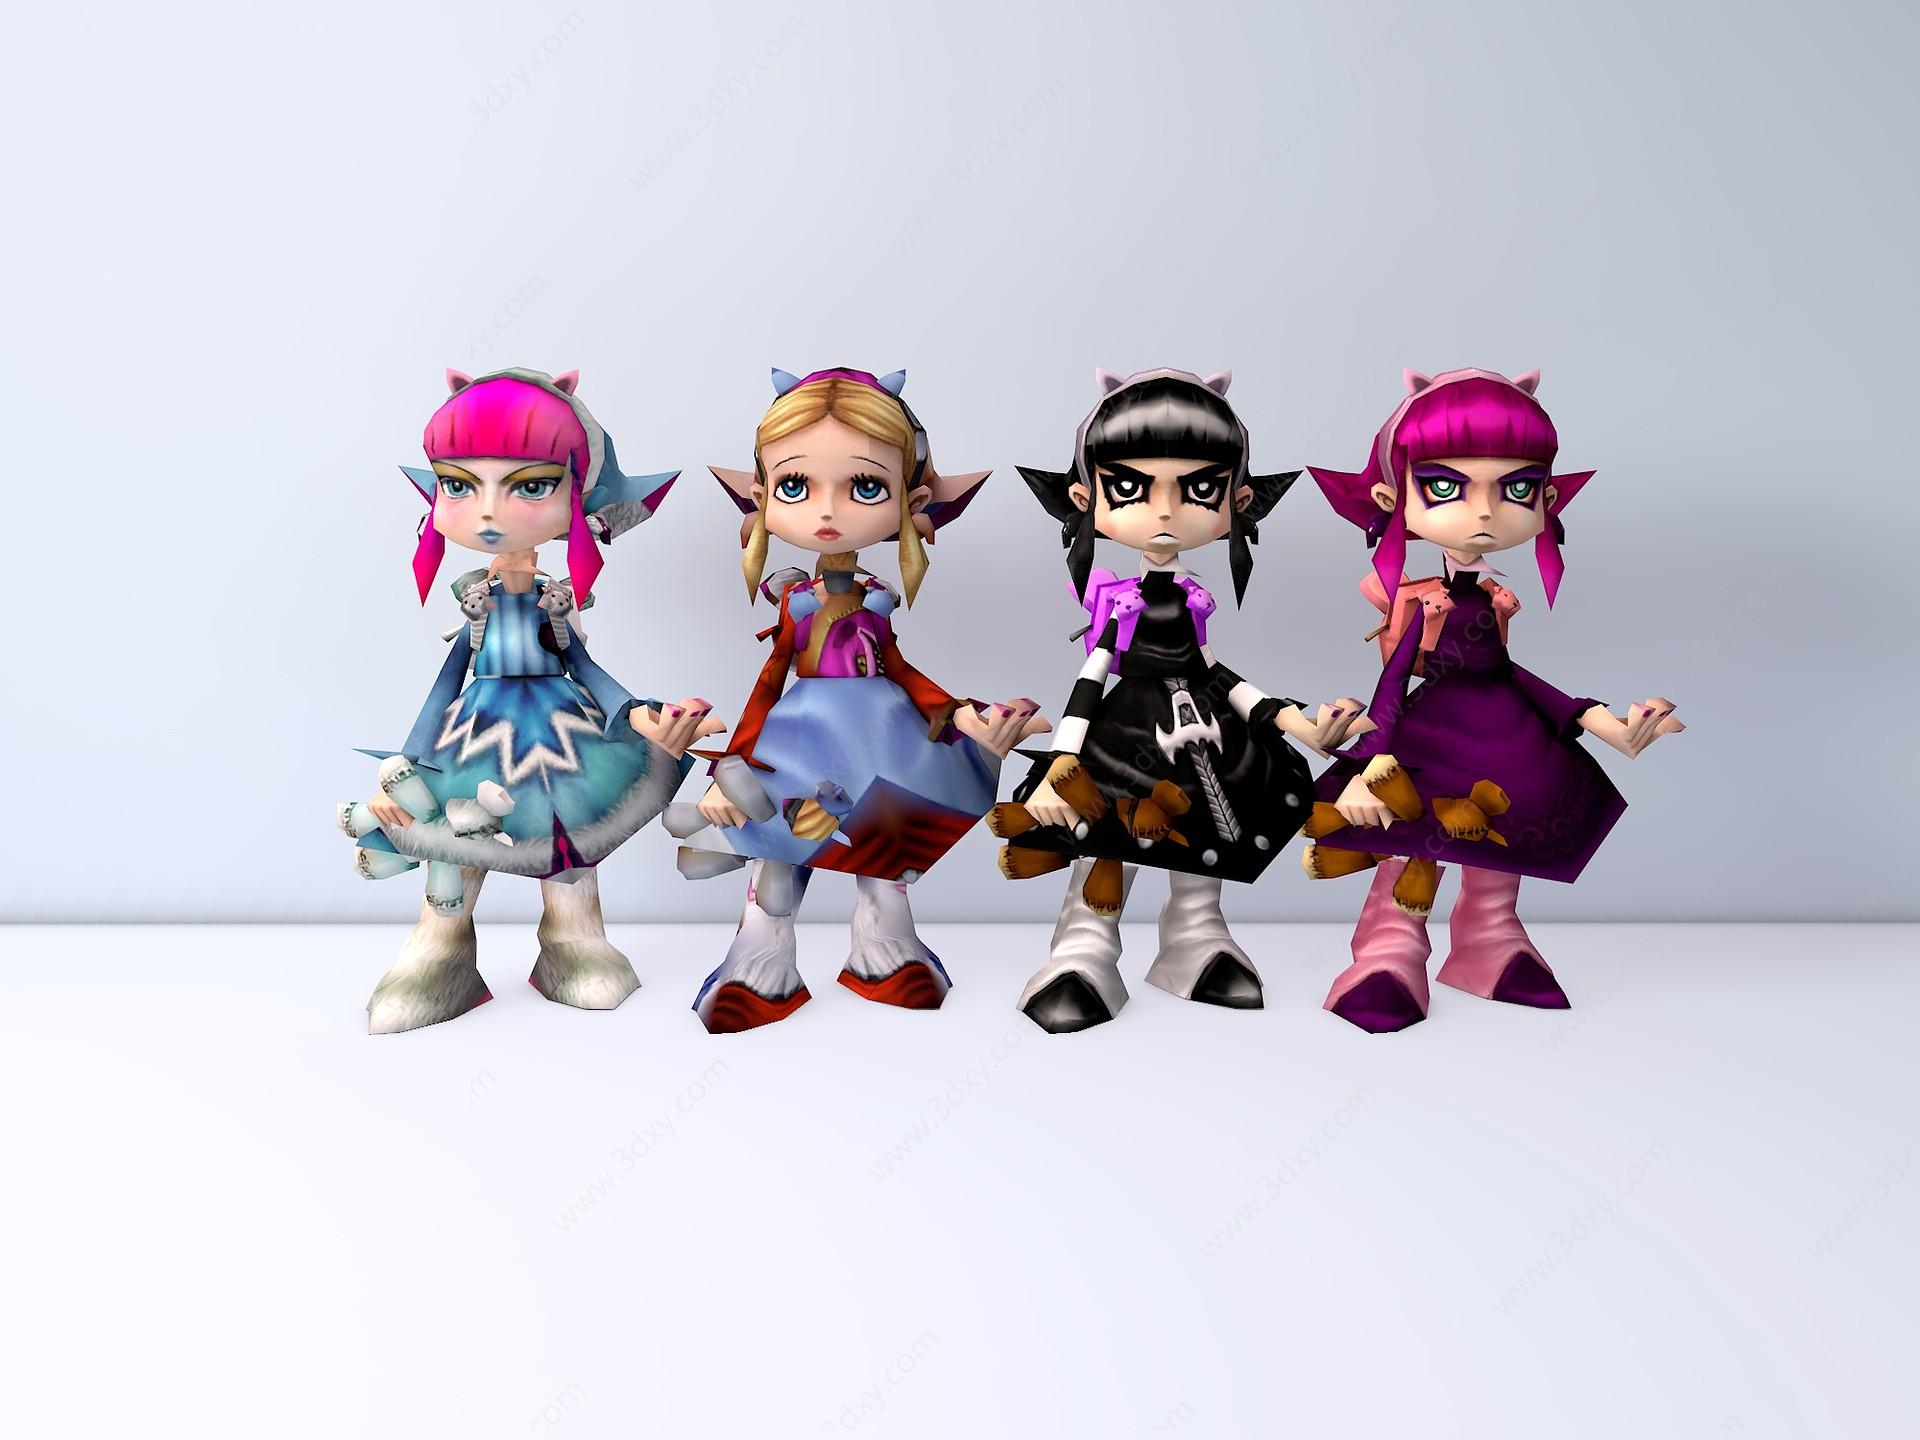 黑暗之女·安妮3D模型